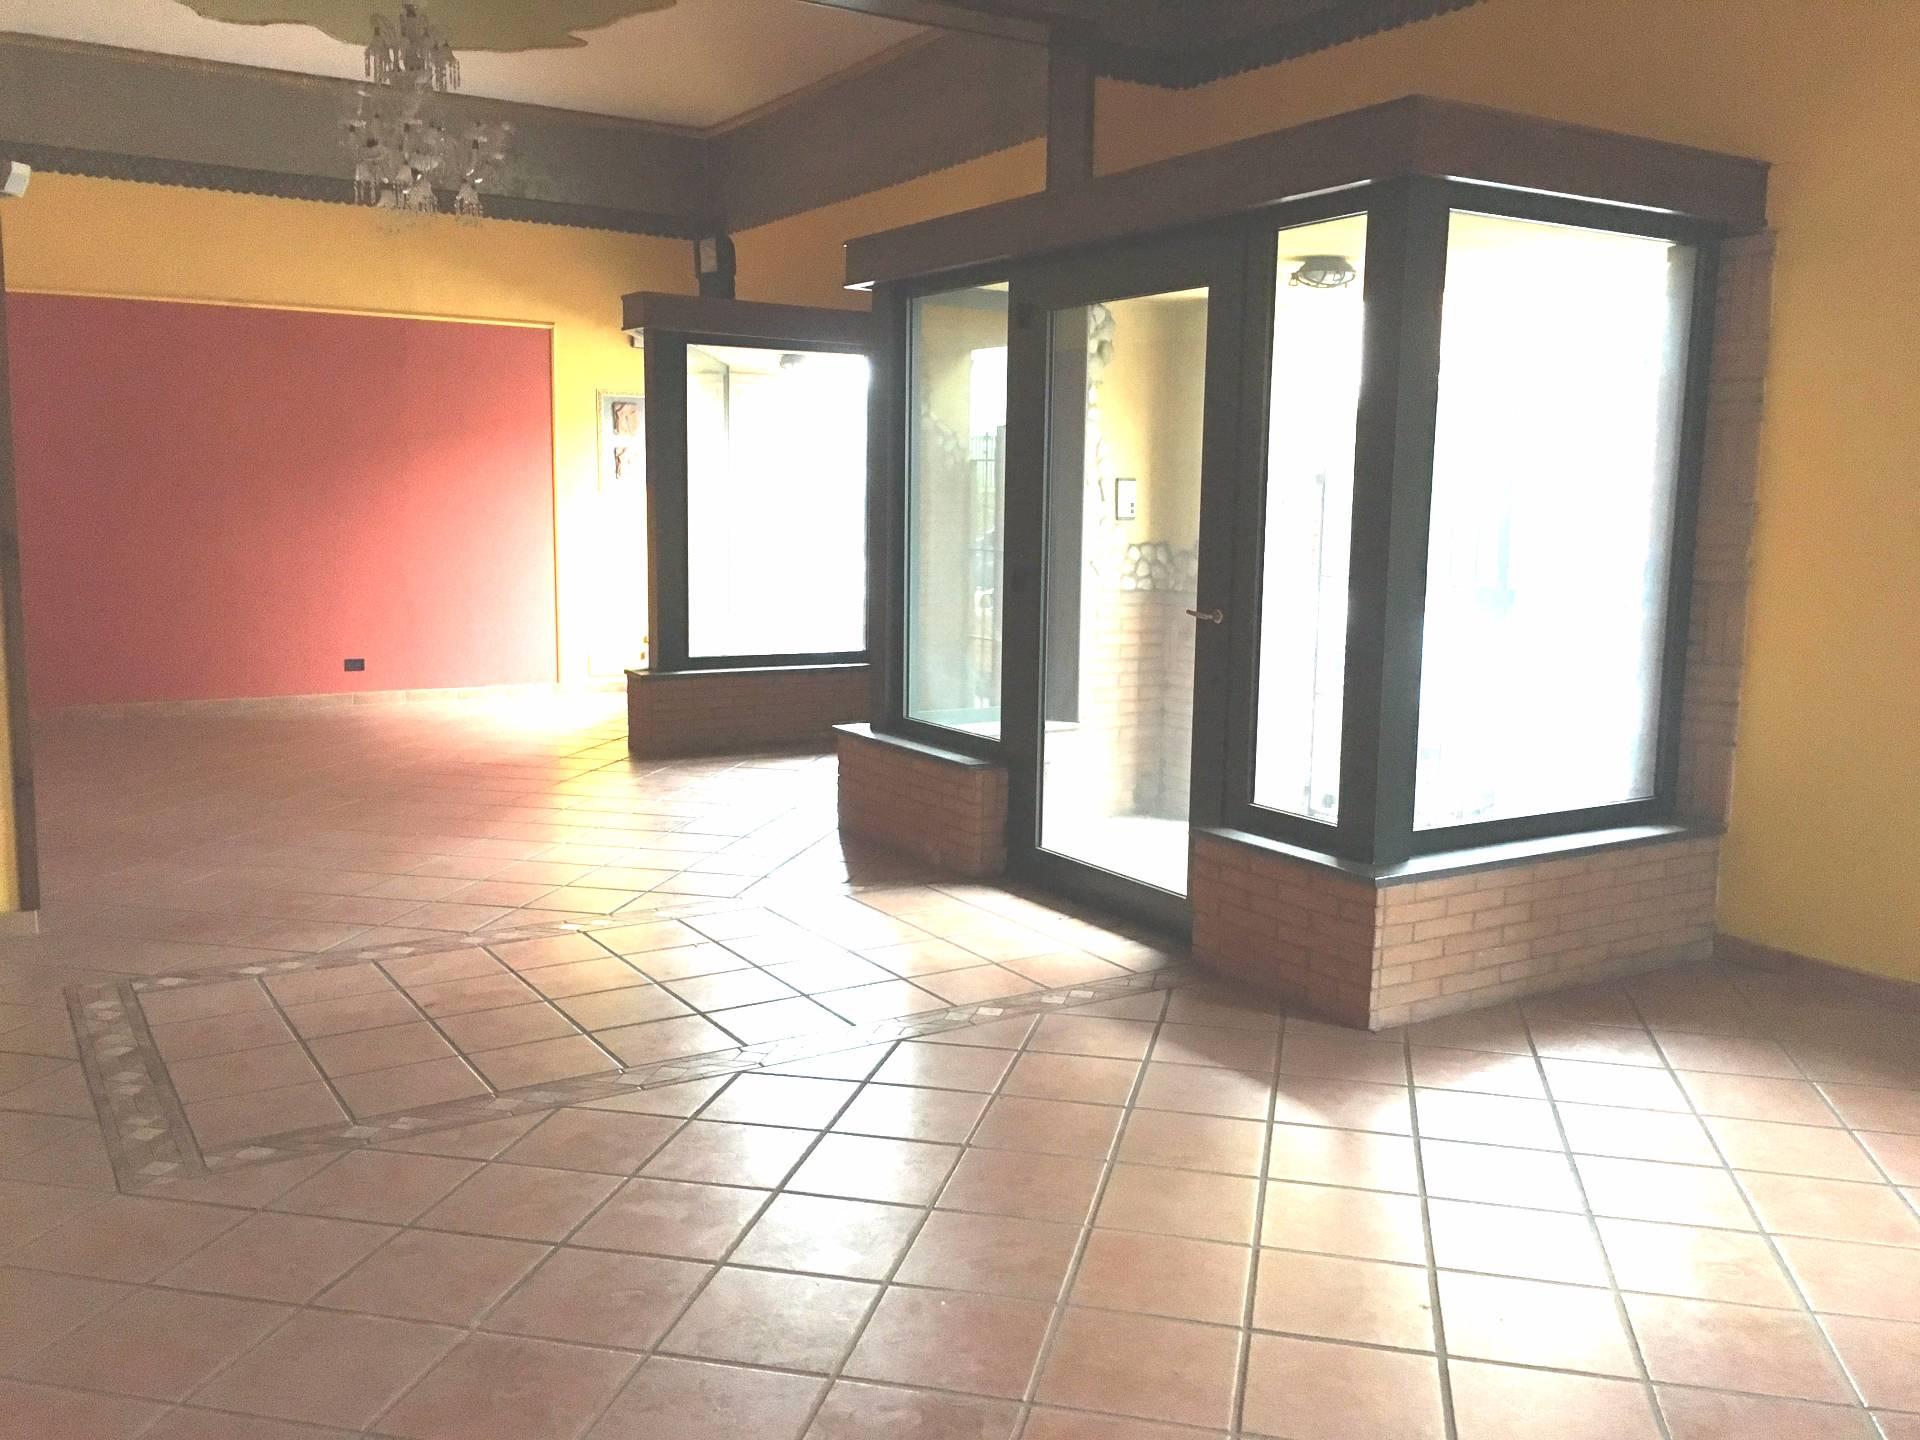 Negozio / Locale in affitto a Ottaviano, 9999 locali, prezzo € 1.500   Cambio Casa.it